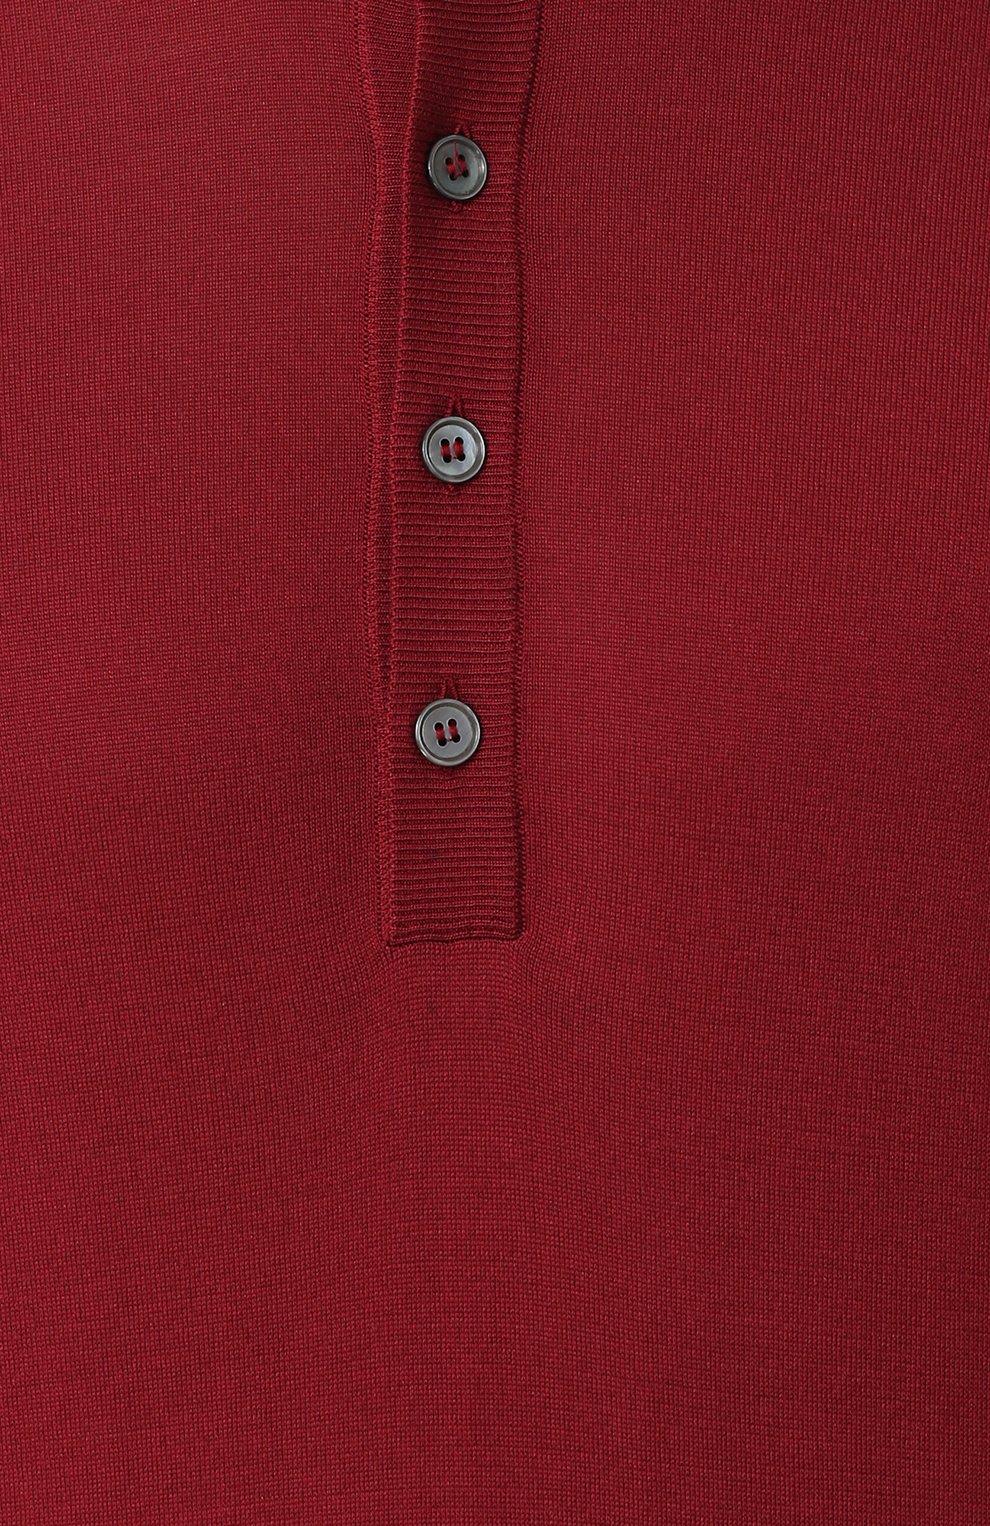 Шелковый джемпер тонкой вязки с воротником на пуговицах Dolce & Gabbana красный | Фото №5